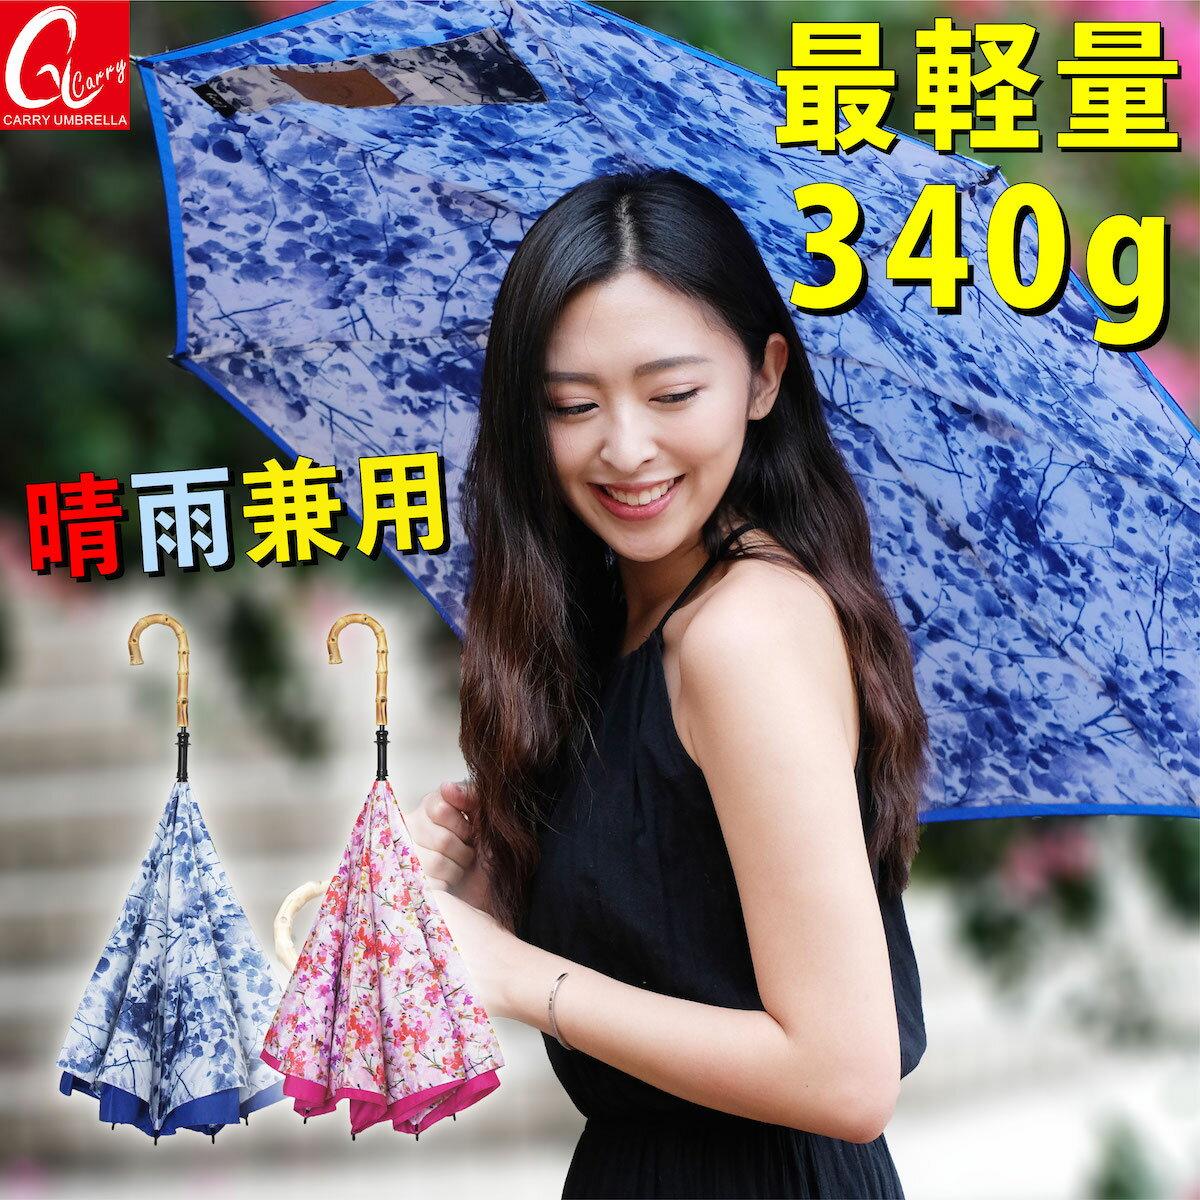 傘, 男女兼用雨傘  CARRY saKASA UV 340g